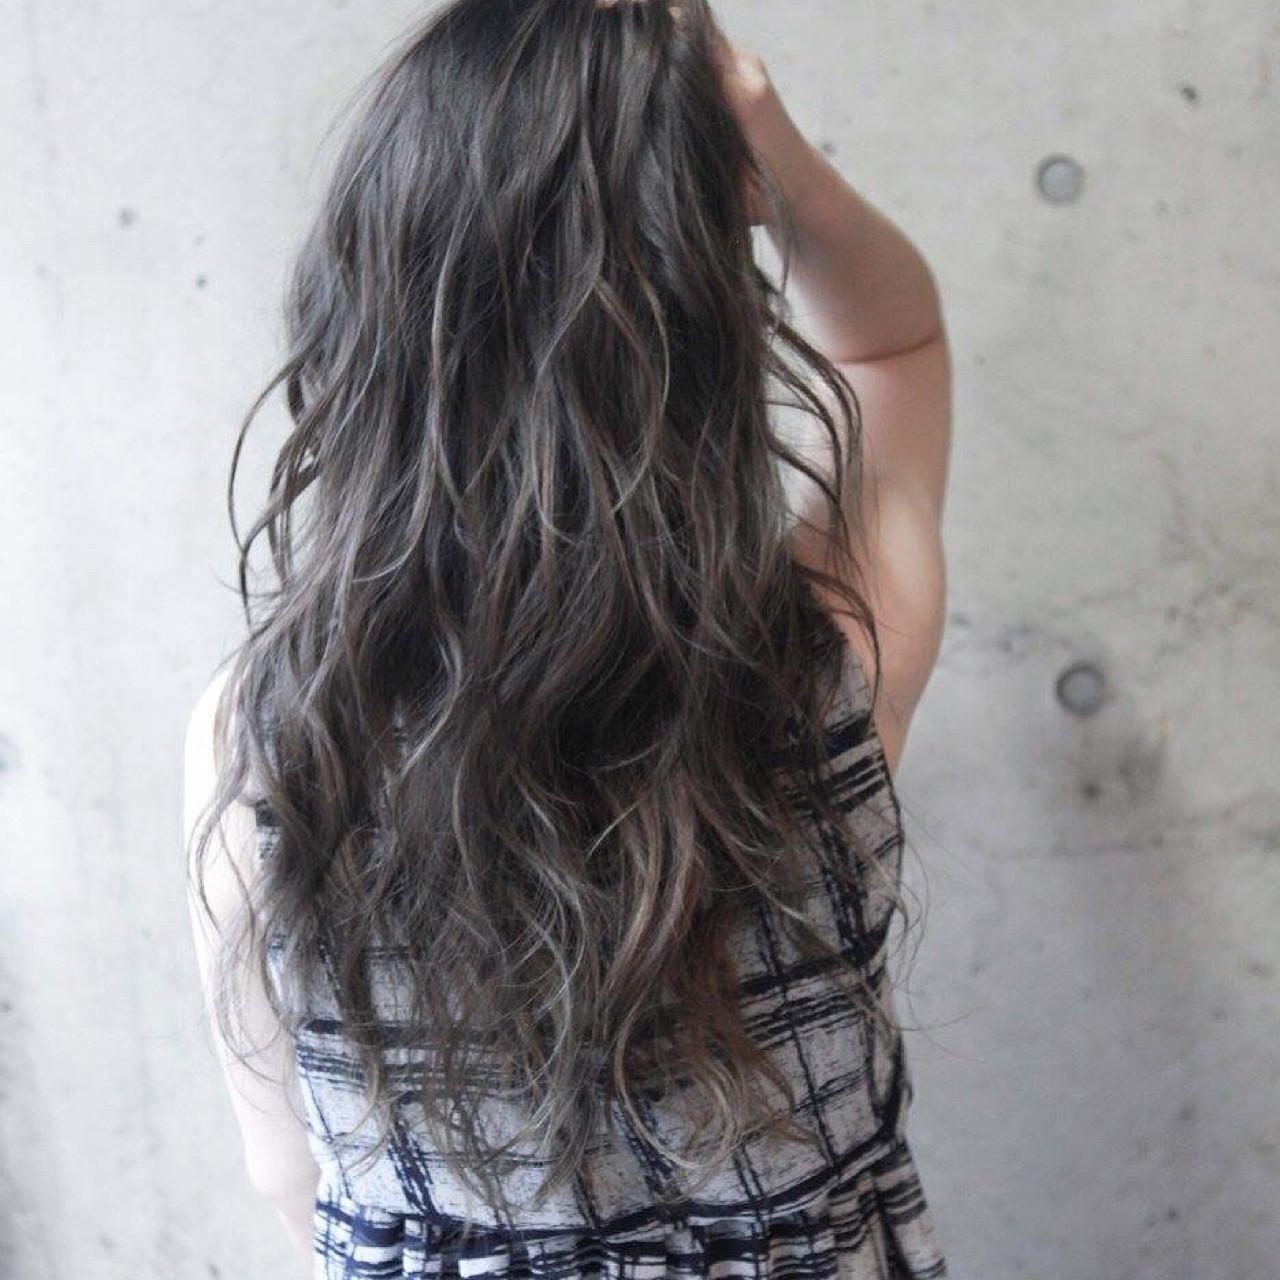 ロング ブラウン 外国人風 ストリート ヘアスタイルや髪型の写真・画像 | 内田 一也 / hair/nail space a:le